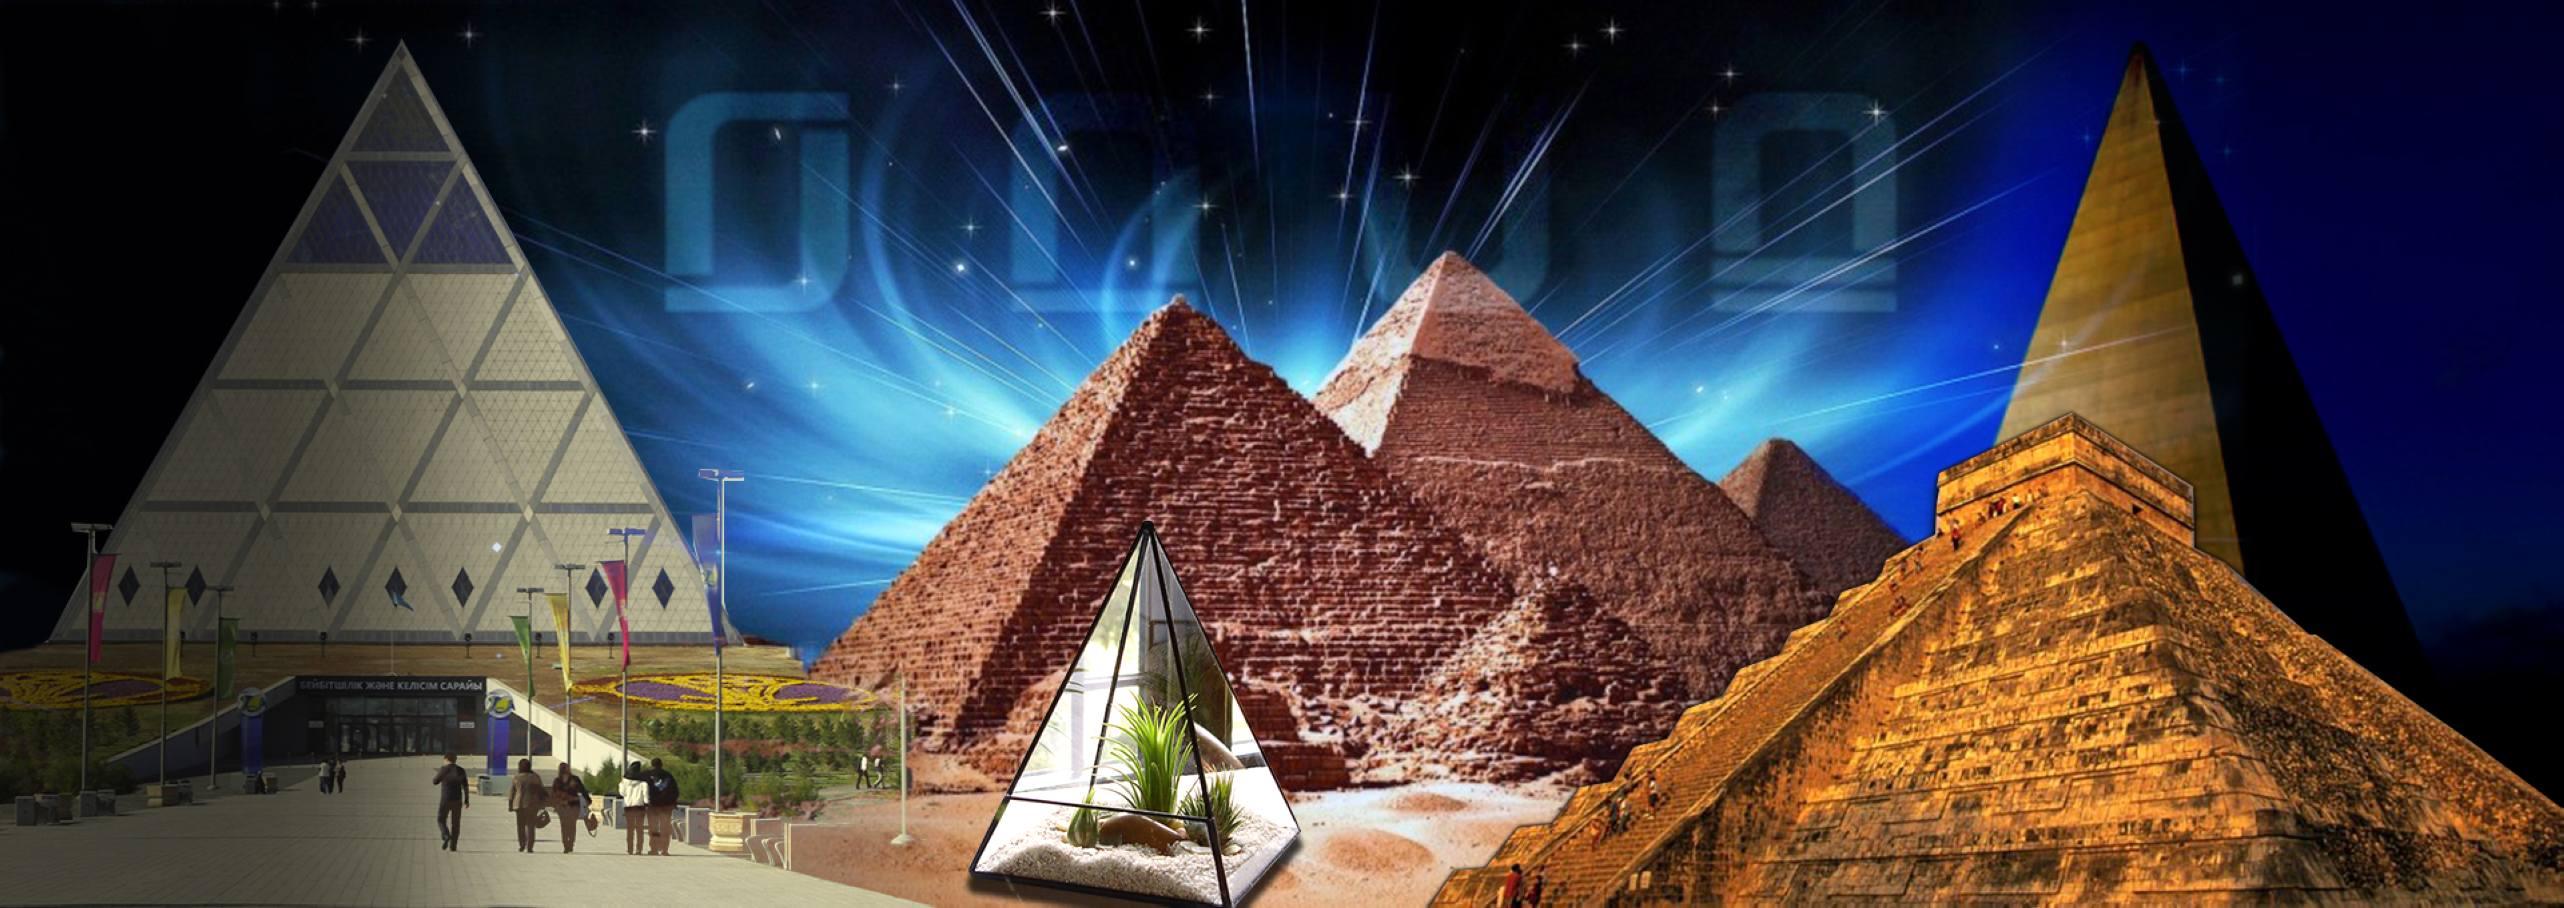 Картинка черная пирамида на телефон материал